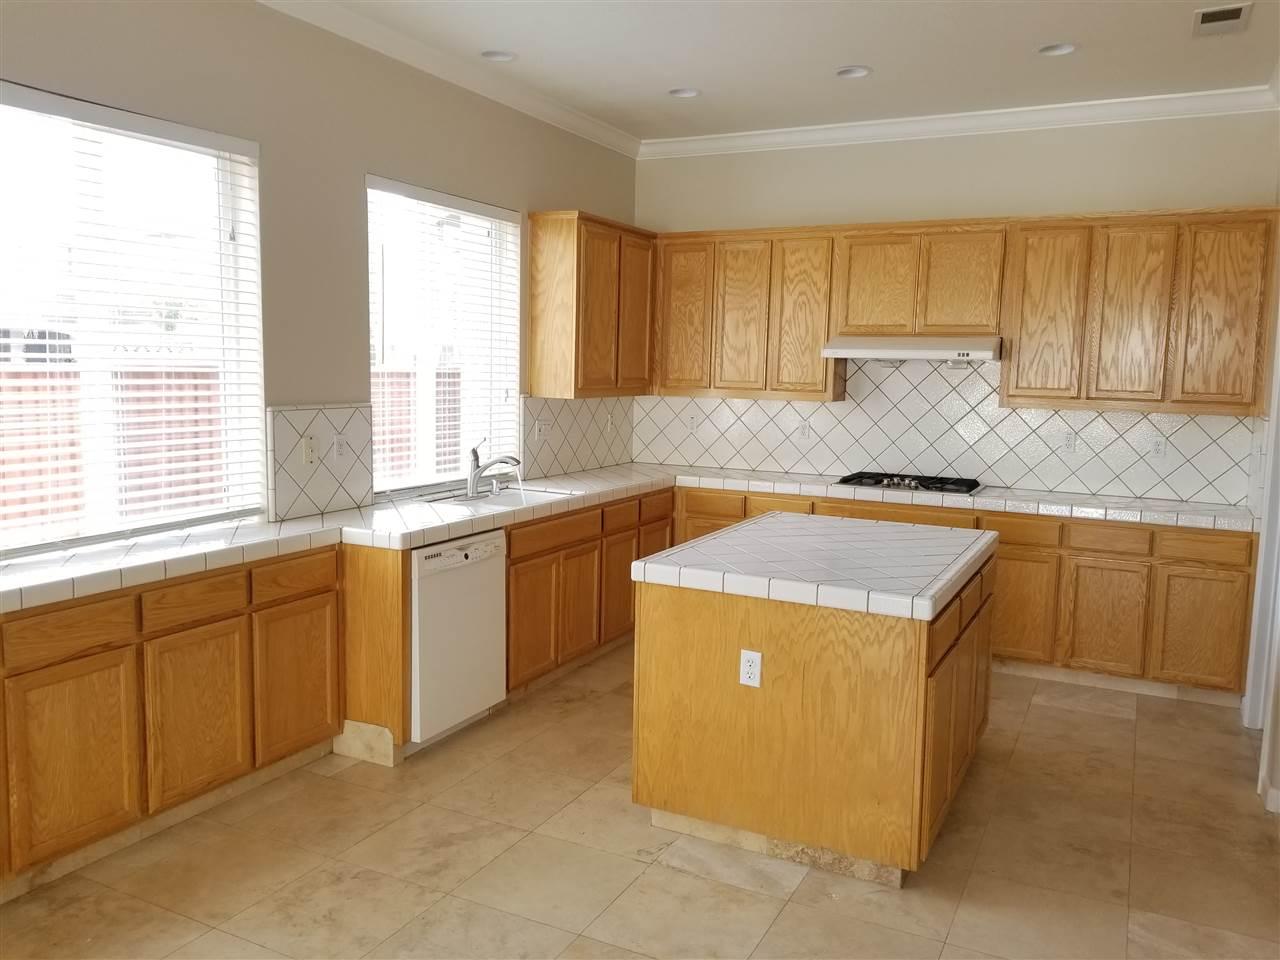 Casa Unifamiliar por un Alquiler en 201 Dorchester Court 201 Dorchester Court Discovery Bay, California 94505 Estados Unidos